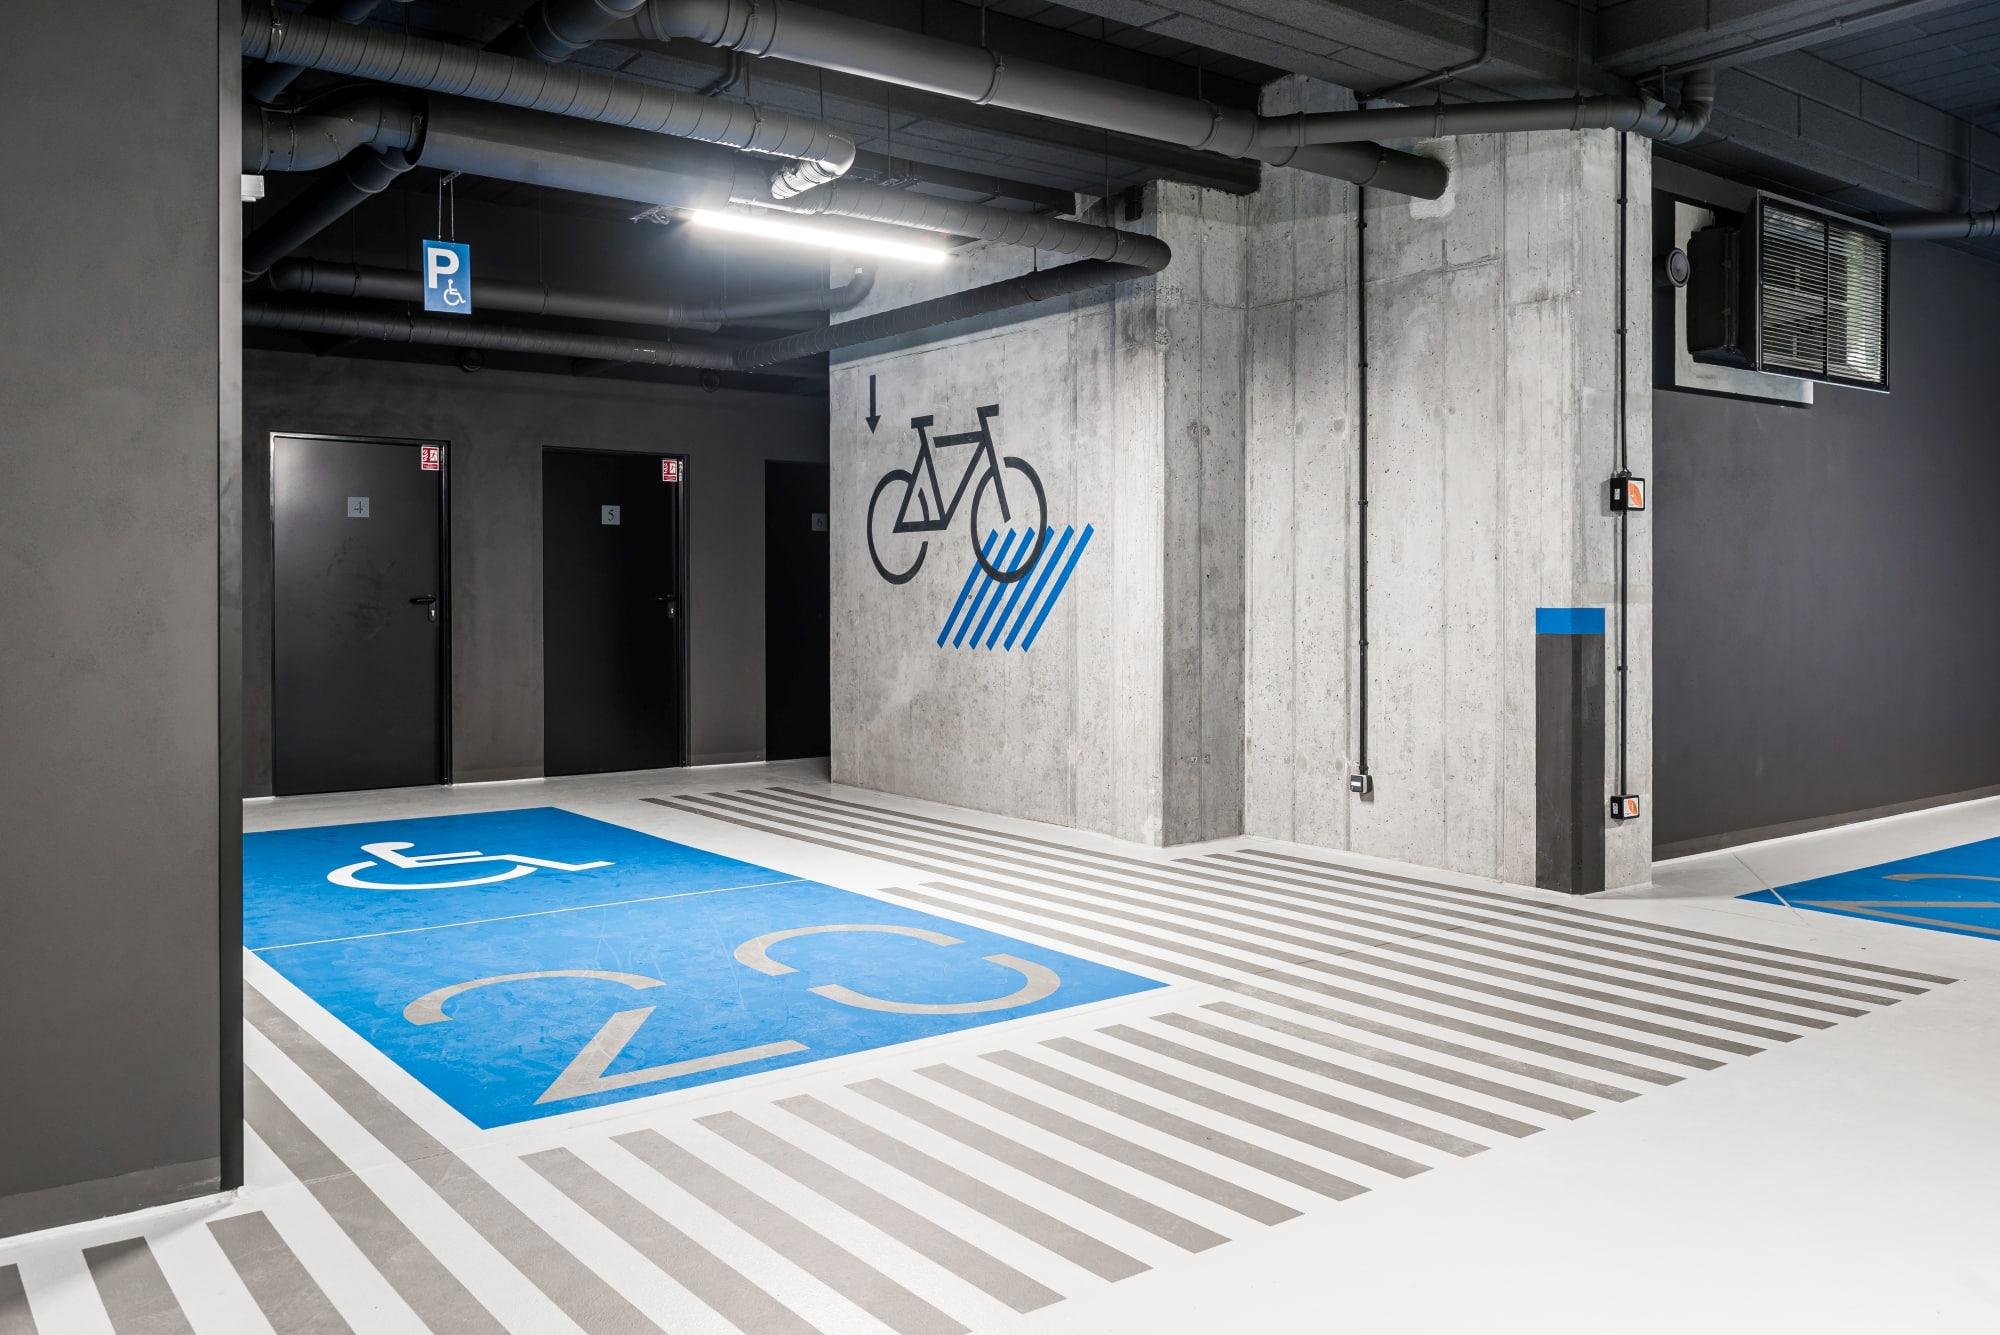 Projekt hala parkingowa Borowego Kraków 4